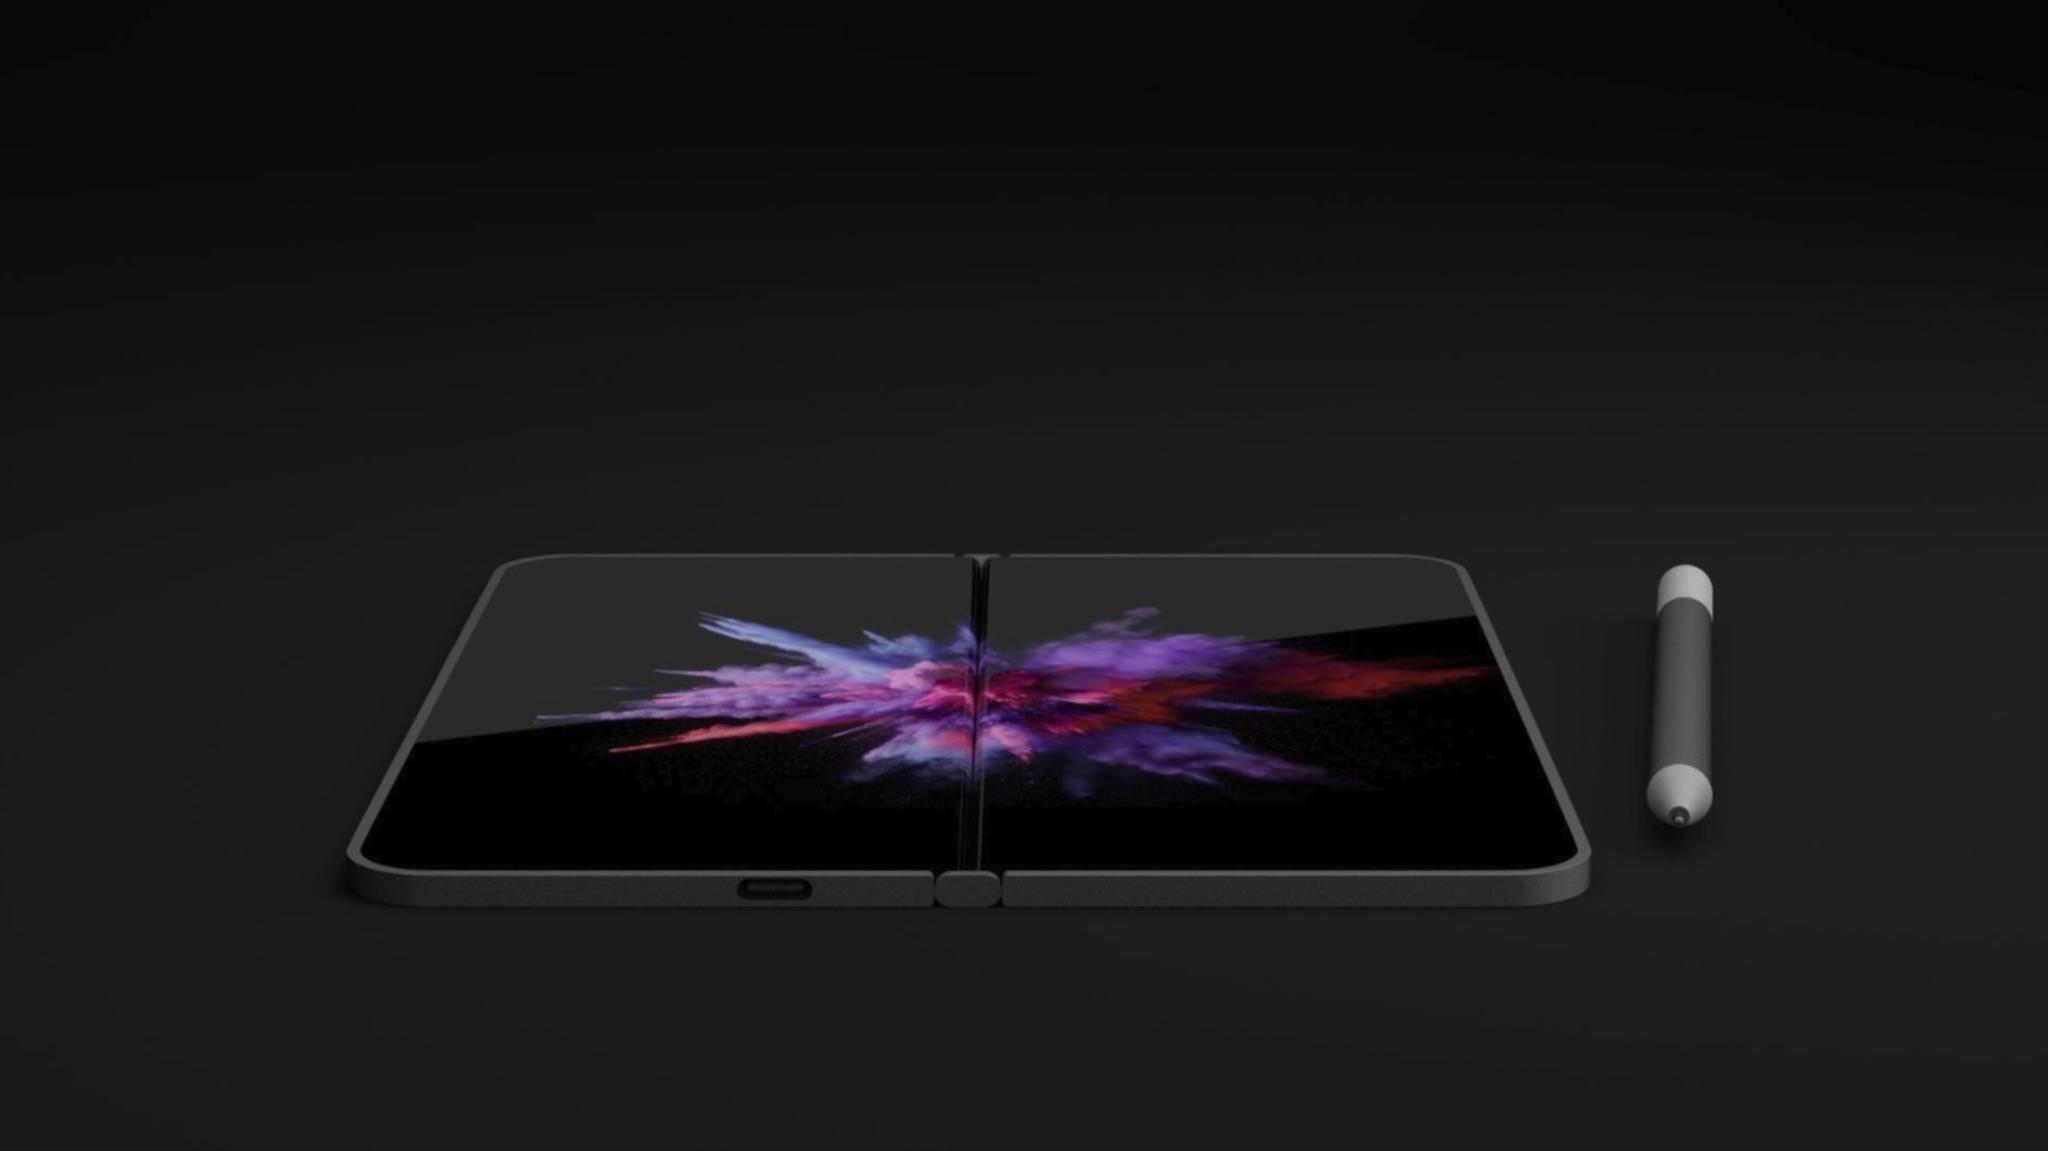 Laut den neuesten Microsoft-Patenten könnte das Surface Phone nach einem Konzept von David Breyer ungefähr so aussehen.